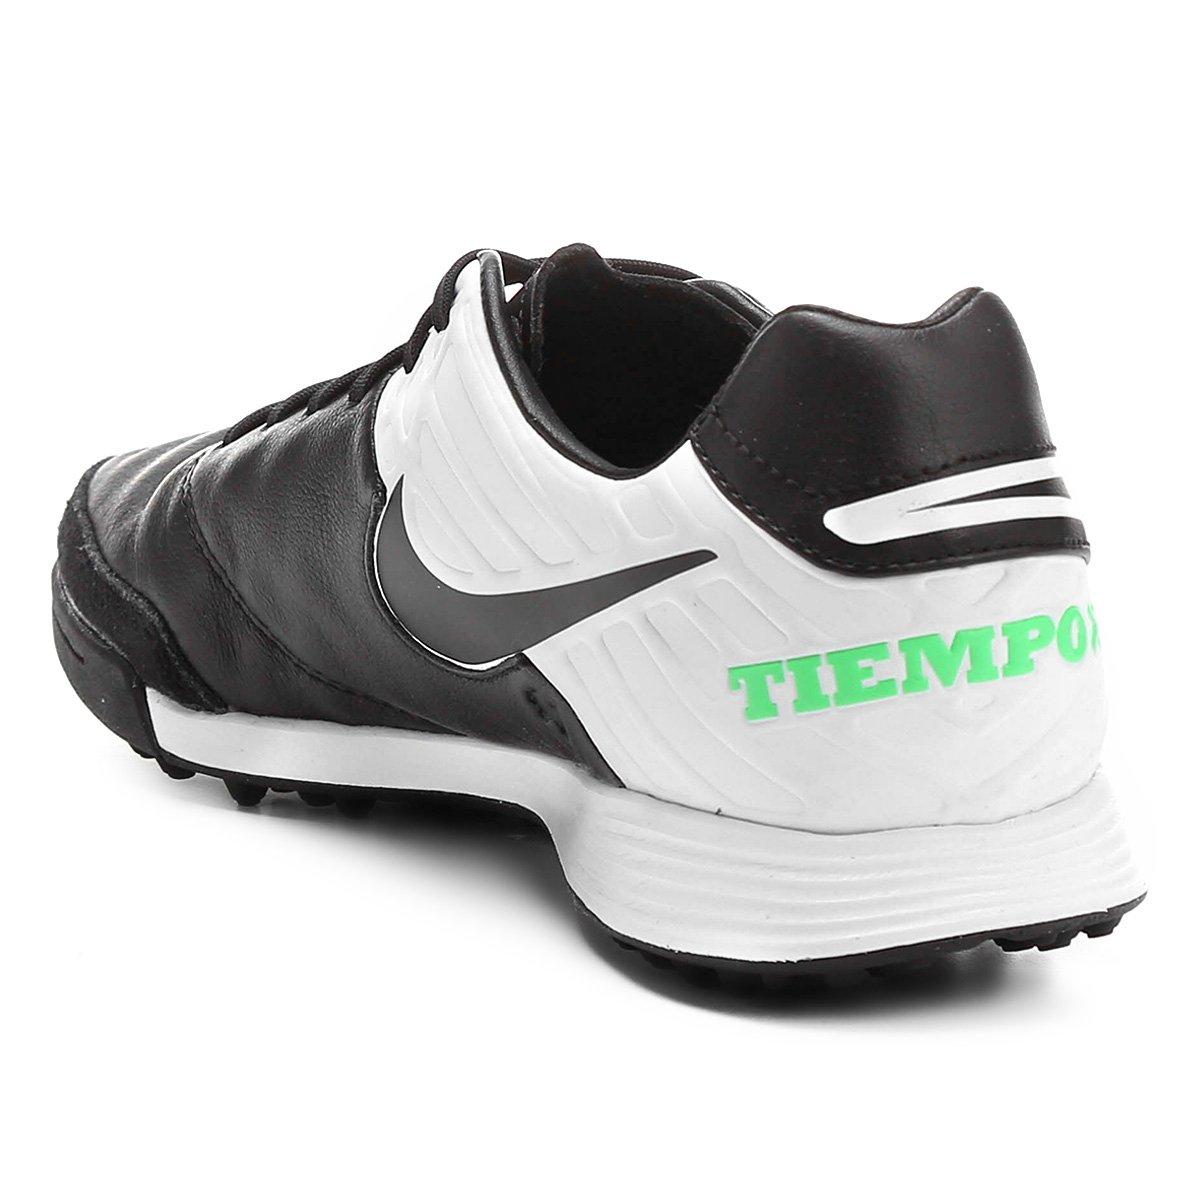 3d0eed51bc Chuteira Society Nike Tiempo Mystic 5 TF